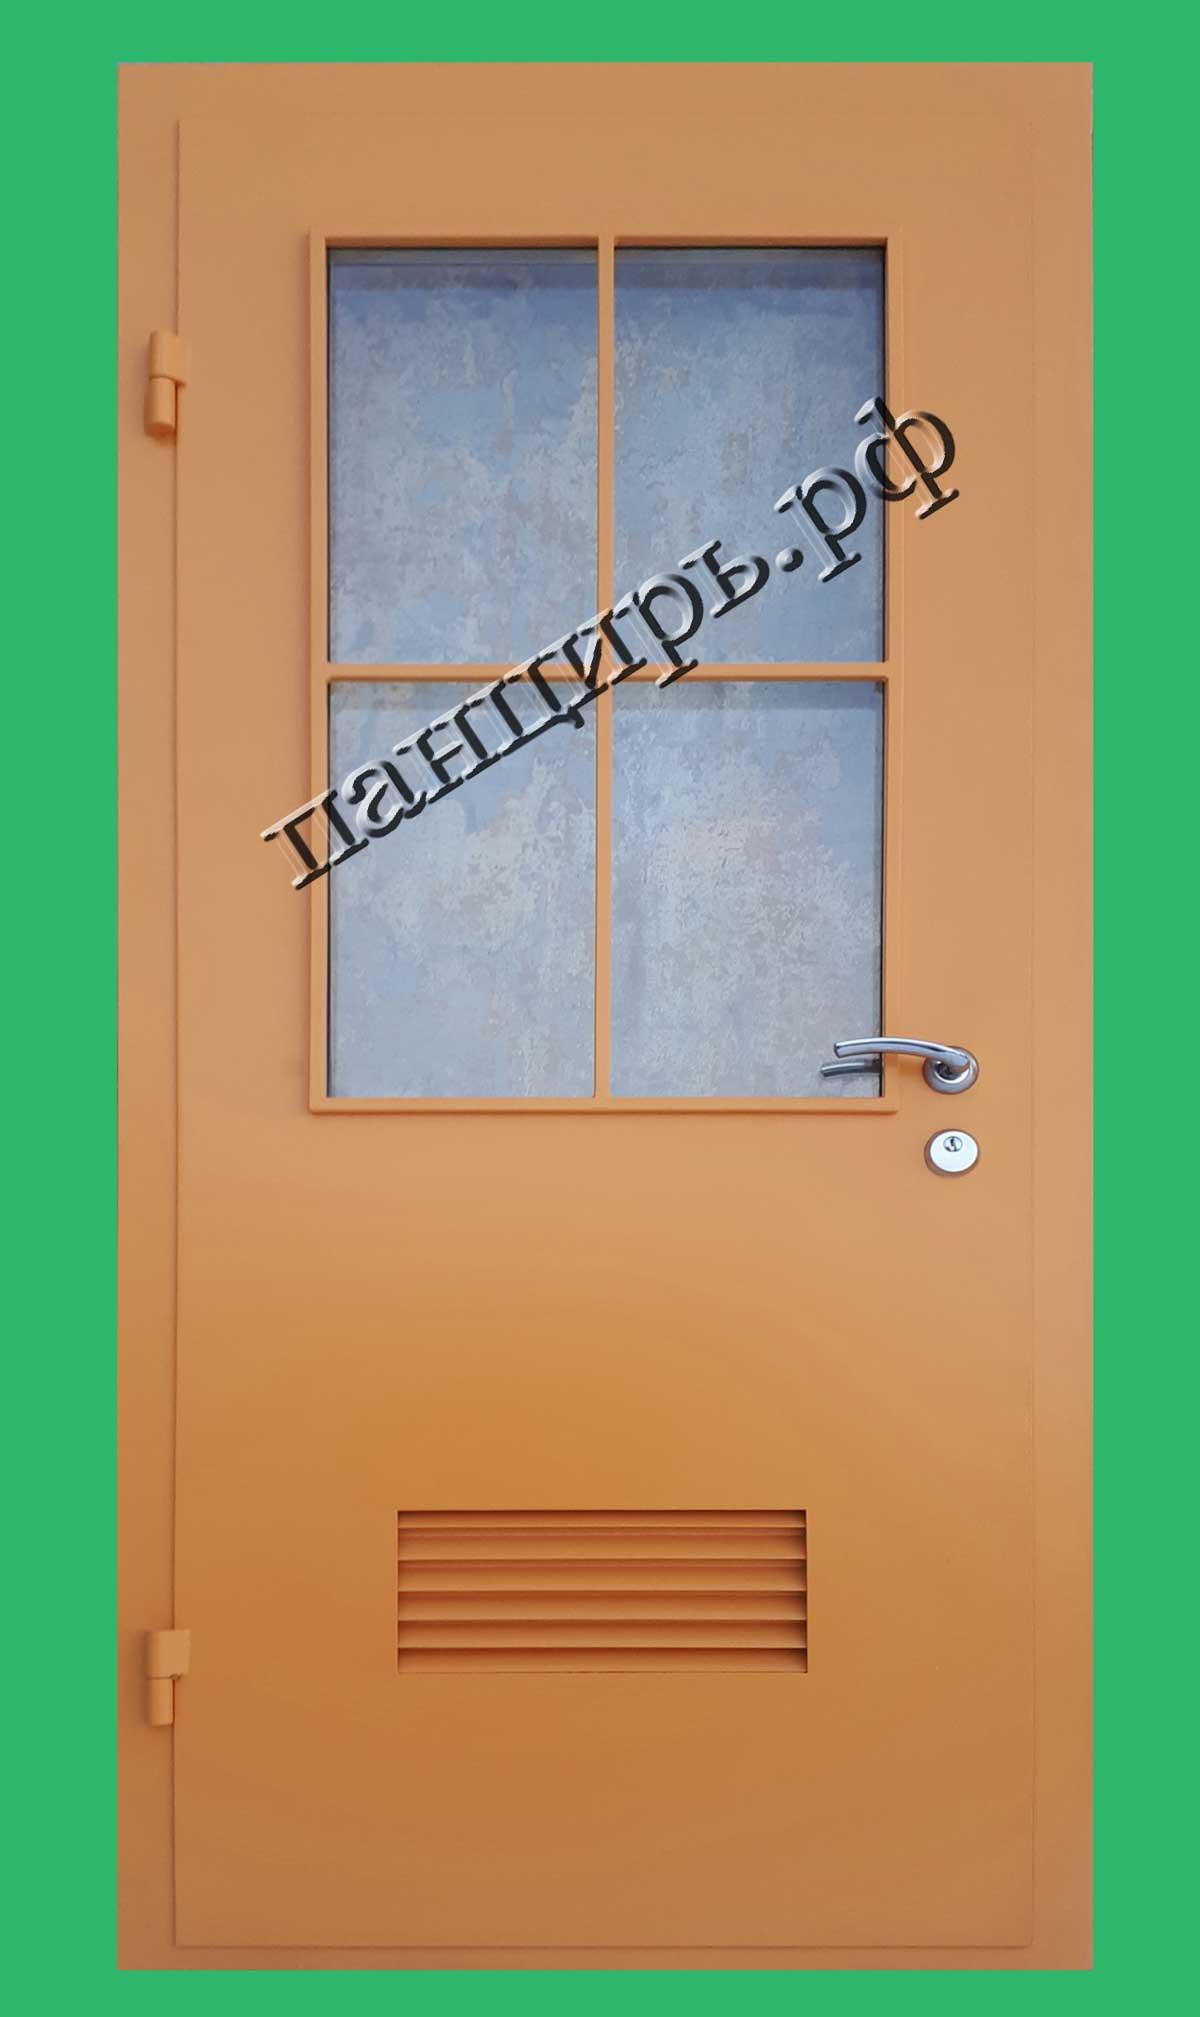 Металлическая дверь в котельную с окном 0,5м2, приточными жалюзями и декоративной решеткой на окно